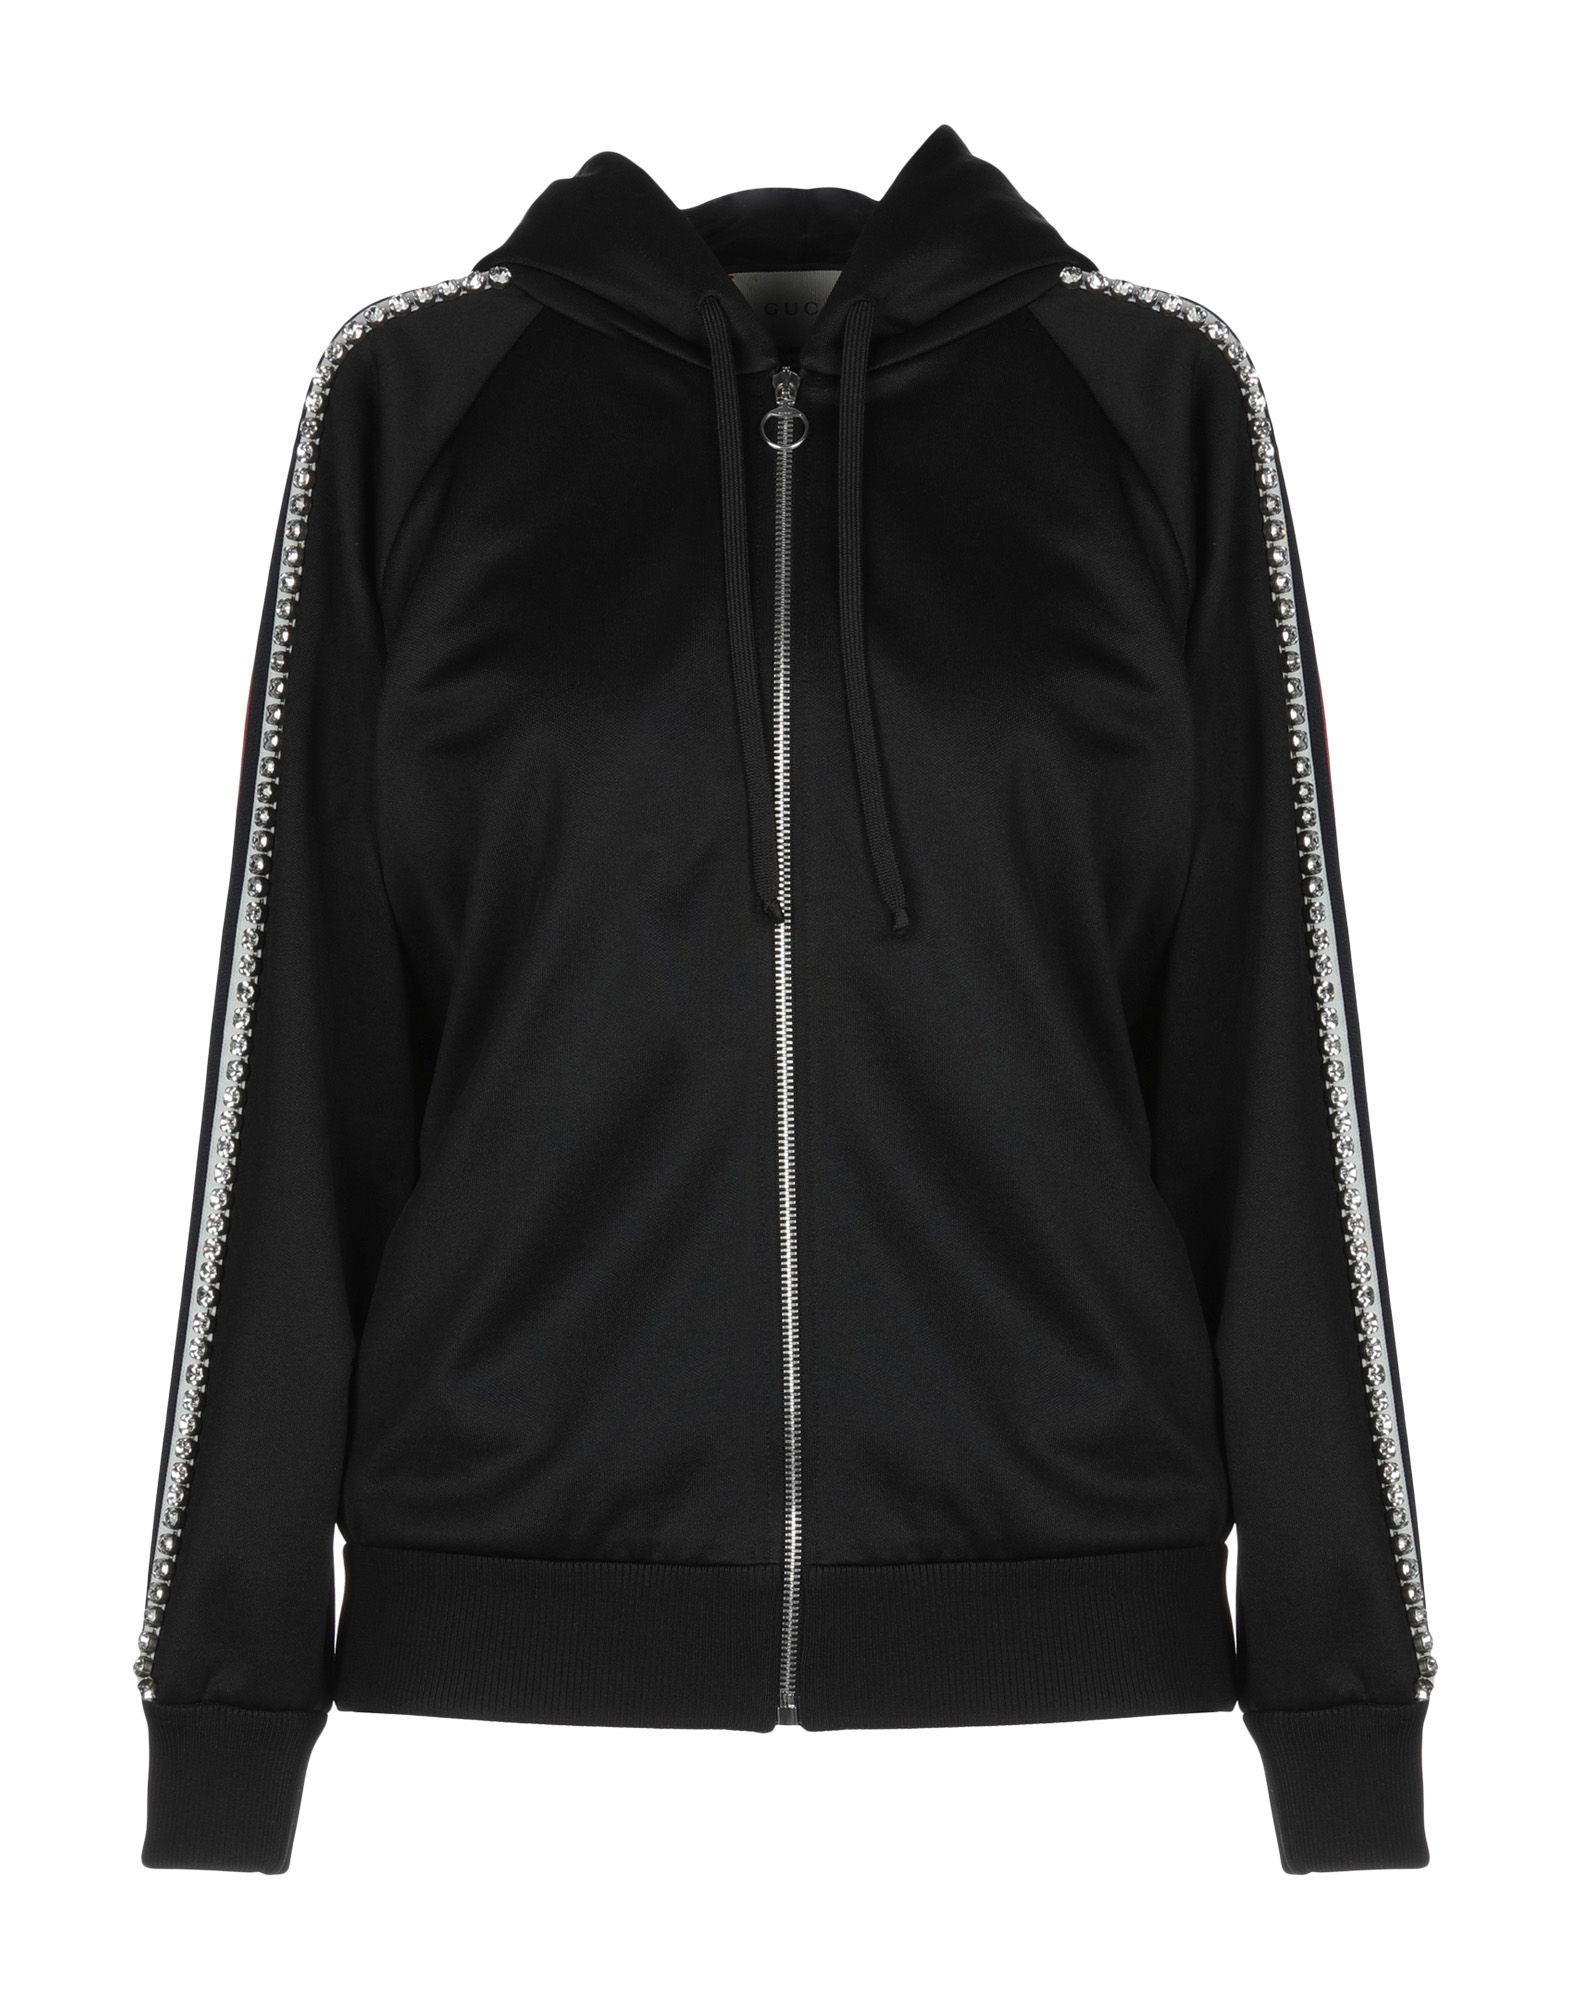 《セール開催中》GUCCI レディース スウェットシャツ ブラック S ポリエステル 55% / コットン 45% / ナイロン / 真鍮/ブラス / ガラス